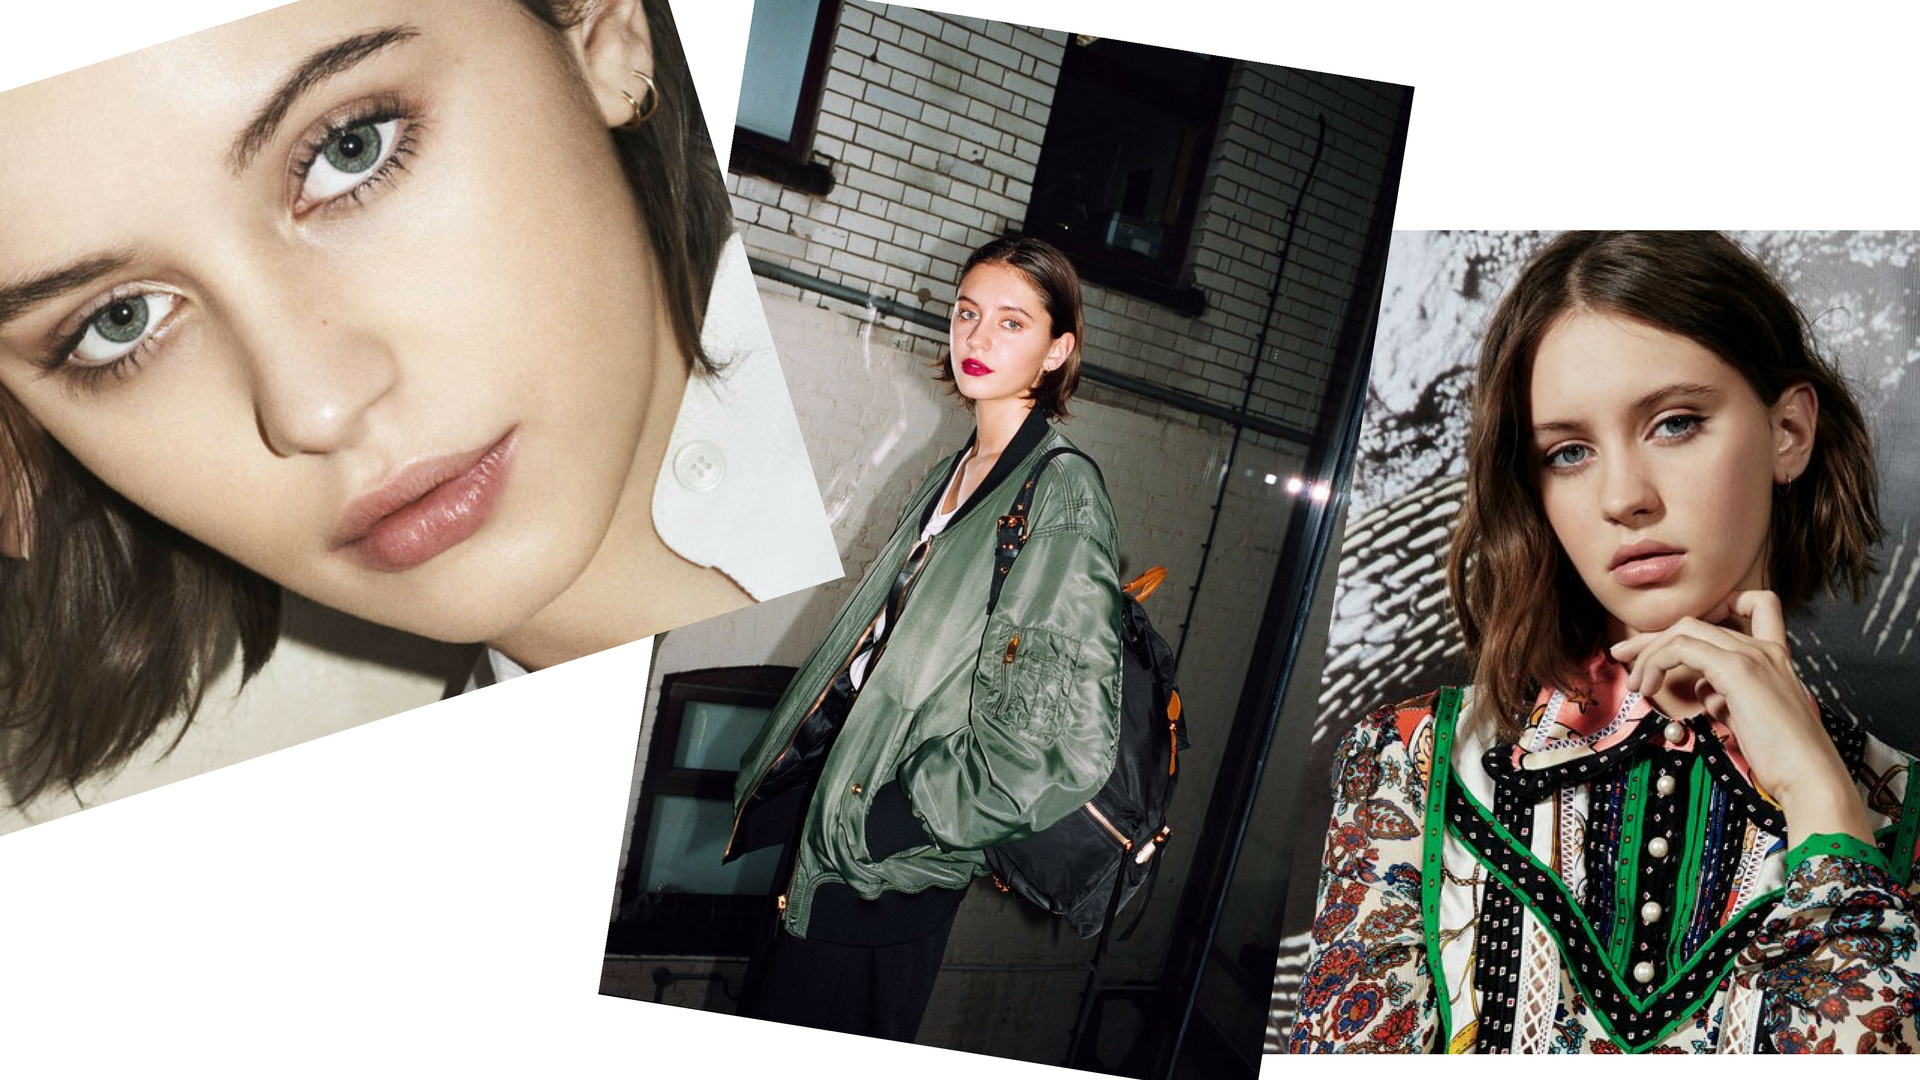 Iris Law (17)<br />- Sadie Frost és Jude Law lánya<br />- 91ezer követő<br />- szüleivel és testvérével már kétévesen szerepelt a Vogue-ban, de valódi modell karrierje 2015 decemberében indult